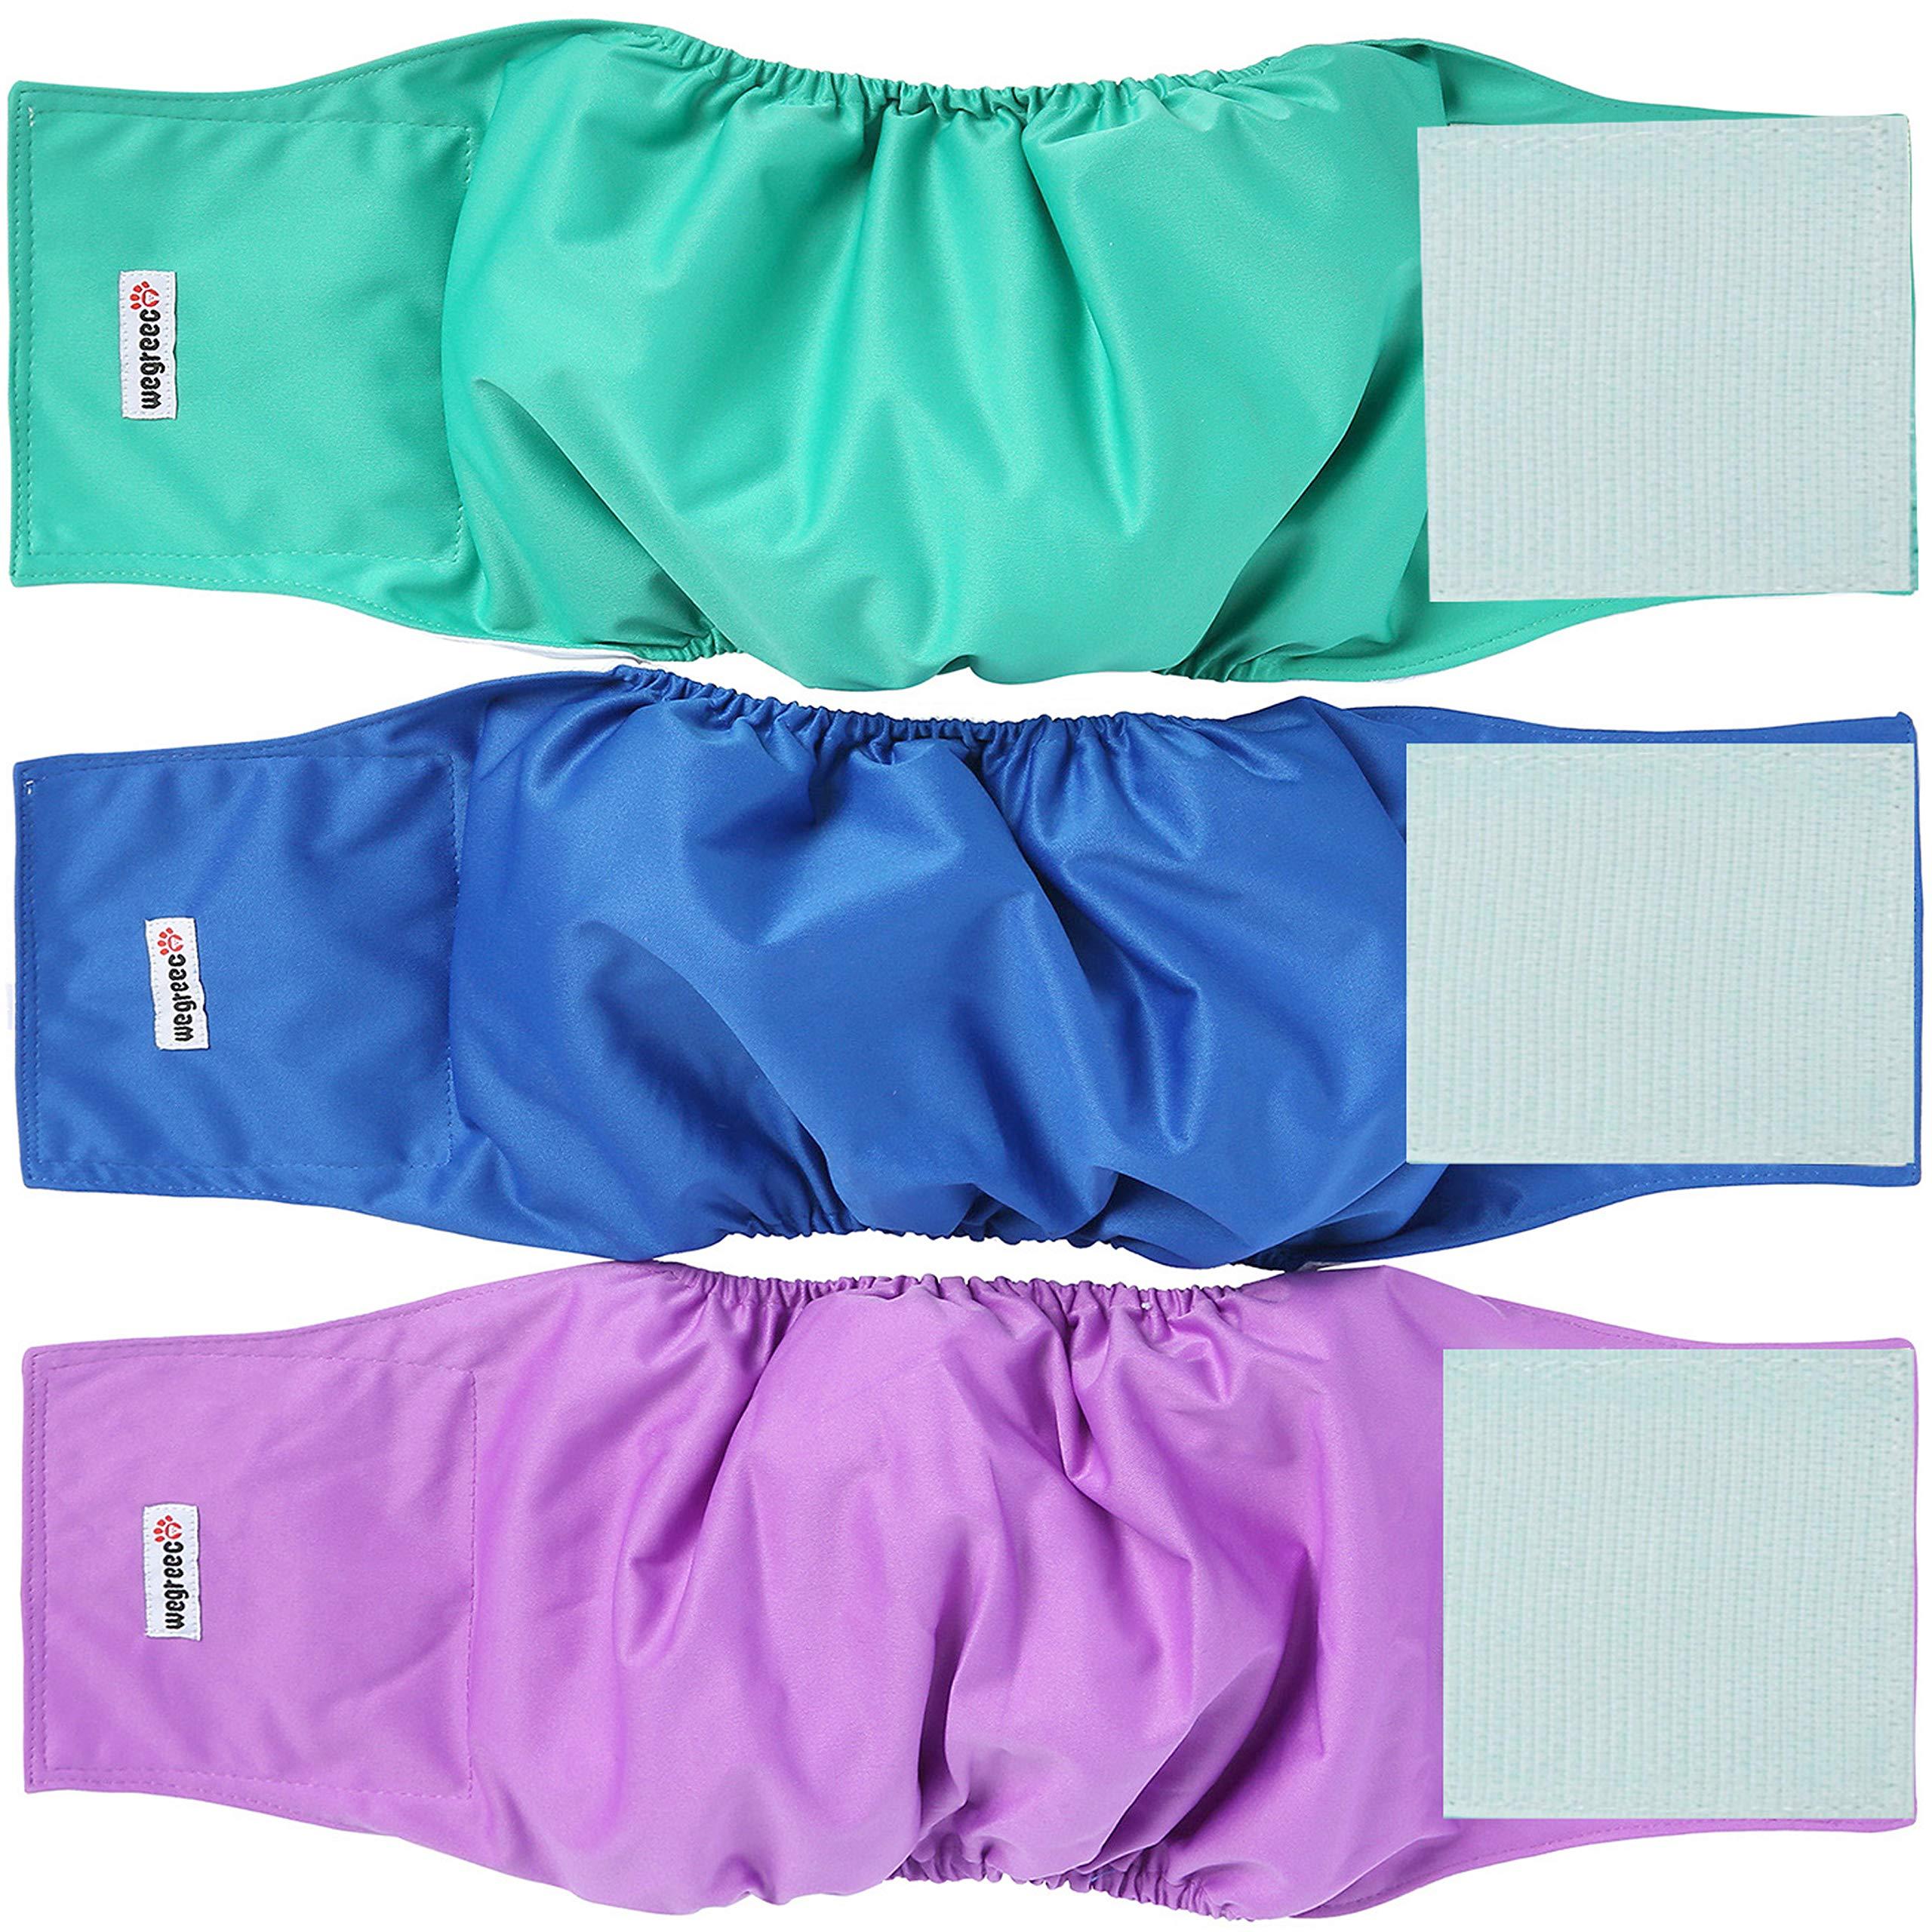 wegreeco Washable Dog Diapers Purple